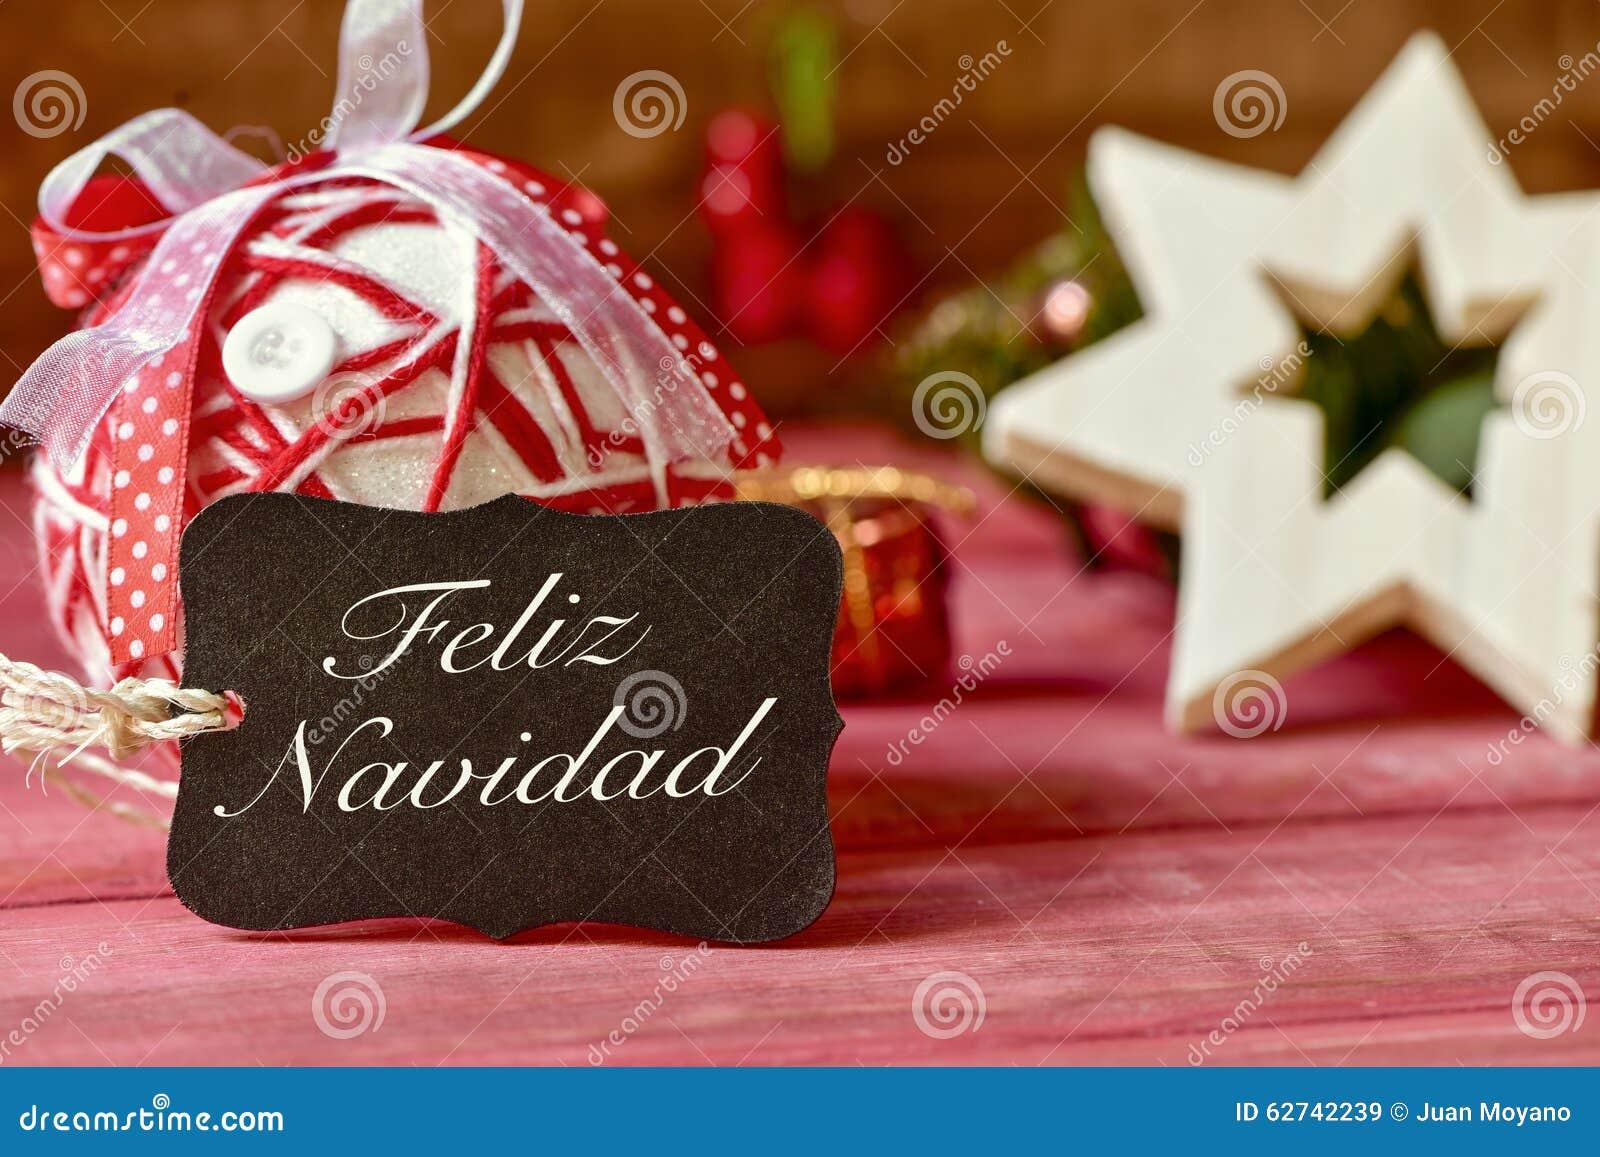 Felicitaciones De Navidad En Castellano.Mande Un Sms Al Navidad Del Feliz Feliz Navidad En Espanol